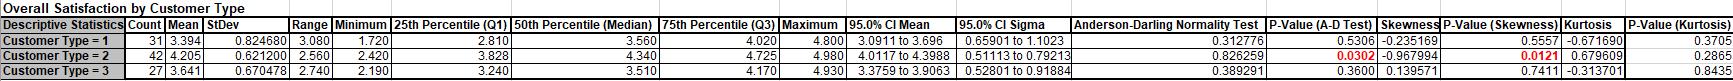 Descriptive Statistics Column Format